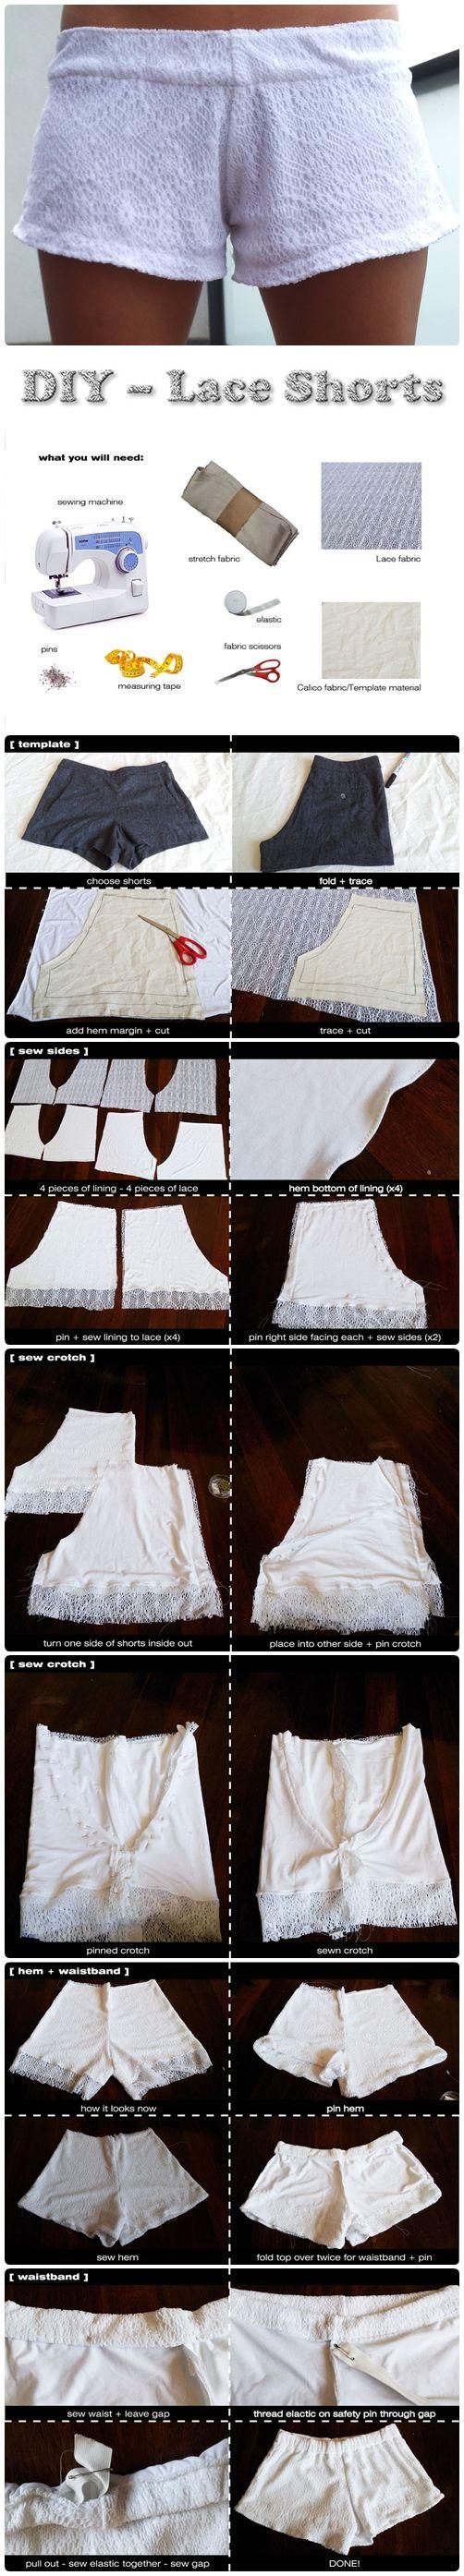 DIY – Lace Shorts : DIY and Craft Tutorials